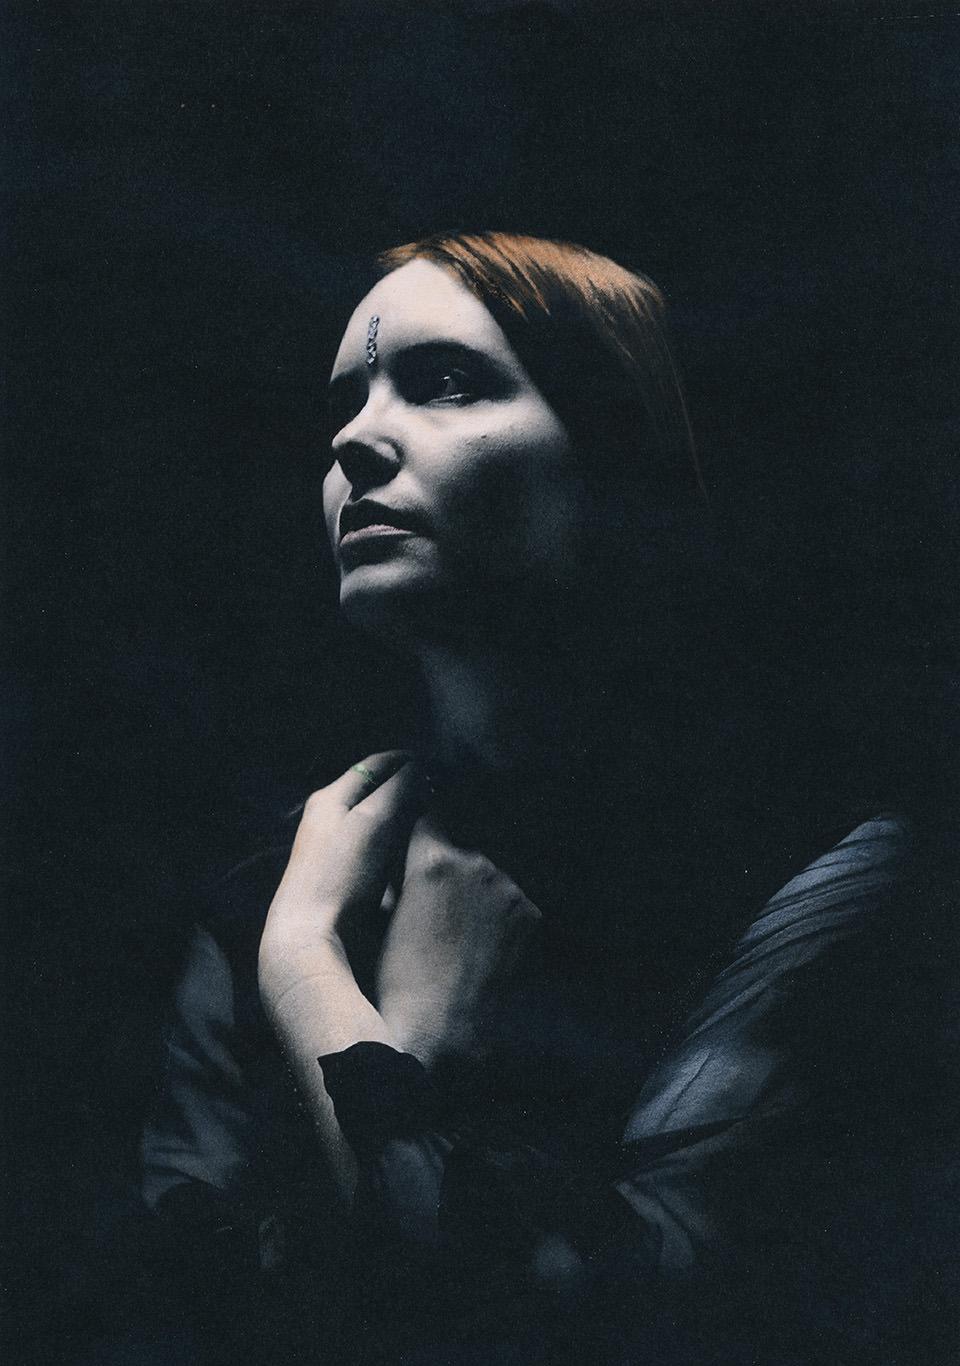 Wie In Marmor Geschlagen Kwerfeldein Magazin Fr Fotografie Klara Brow Studio 02 Dark Eine Frau Betet